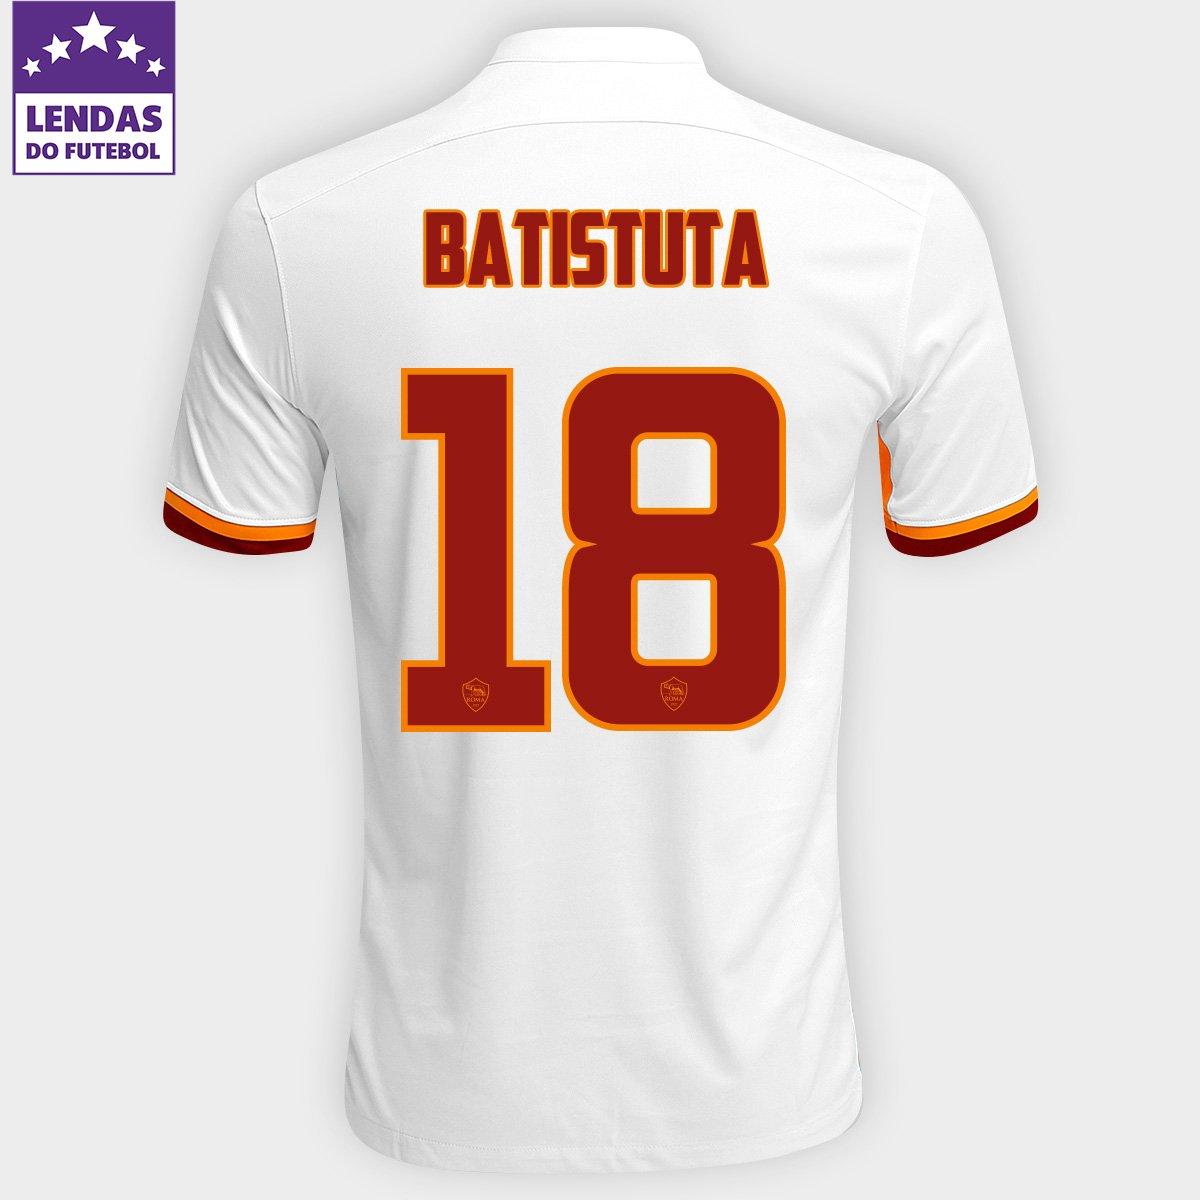 Camisa Nike Roma Away 15 16 nº 18 - Batistuta - Compre Agora  fa72bdcfe76d2